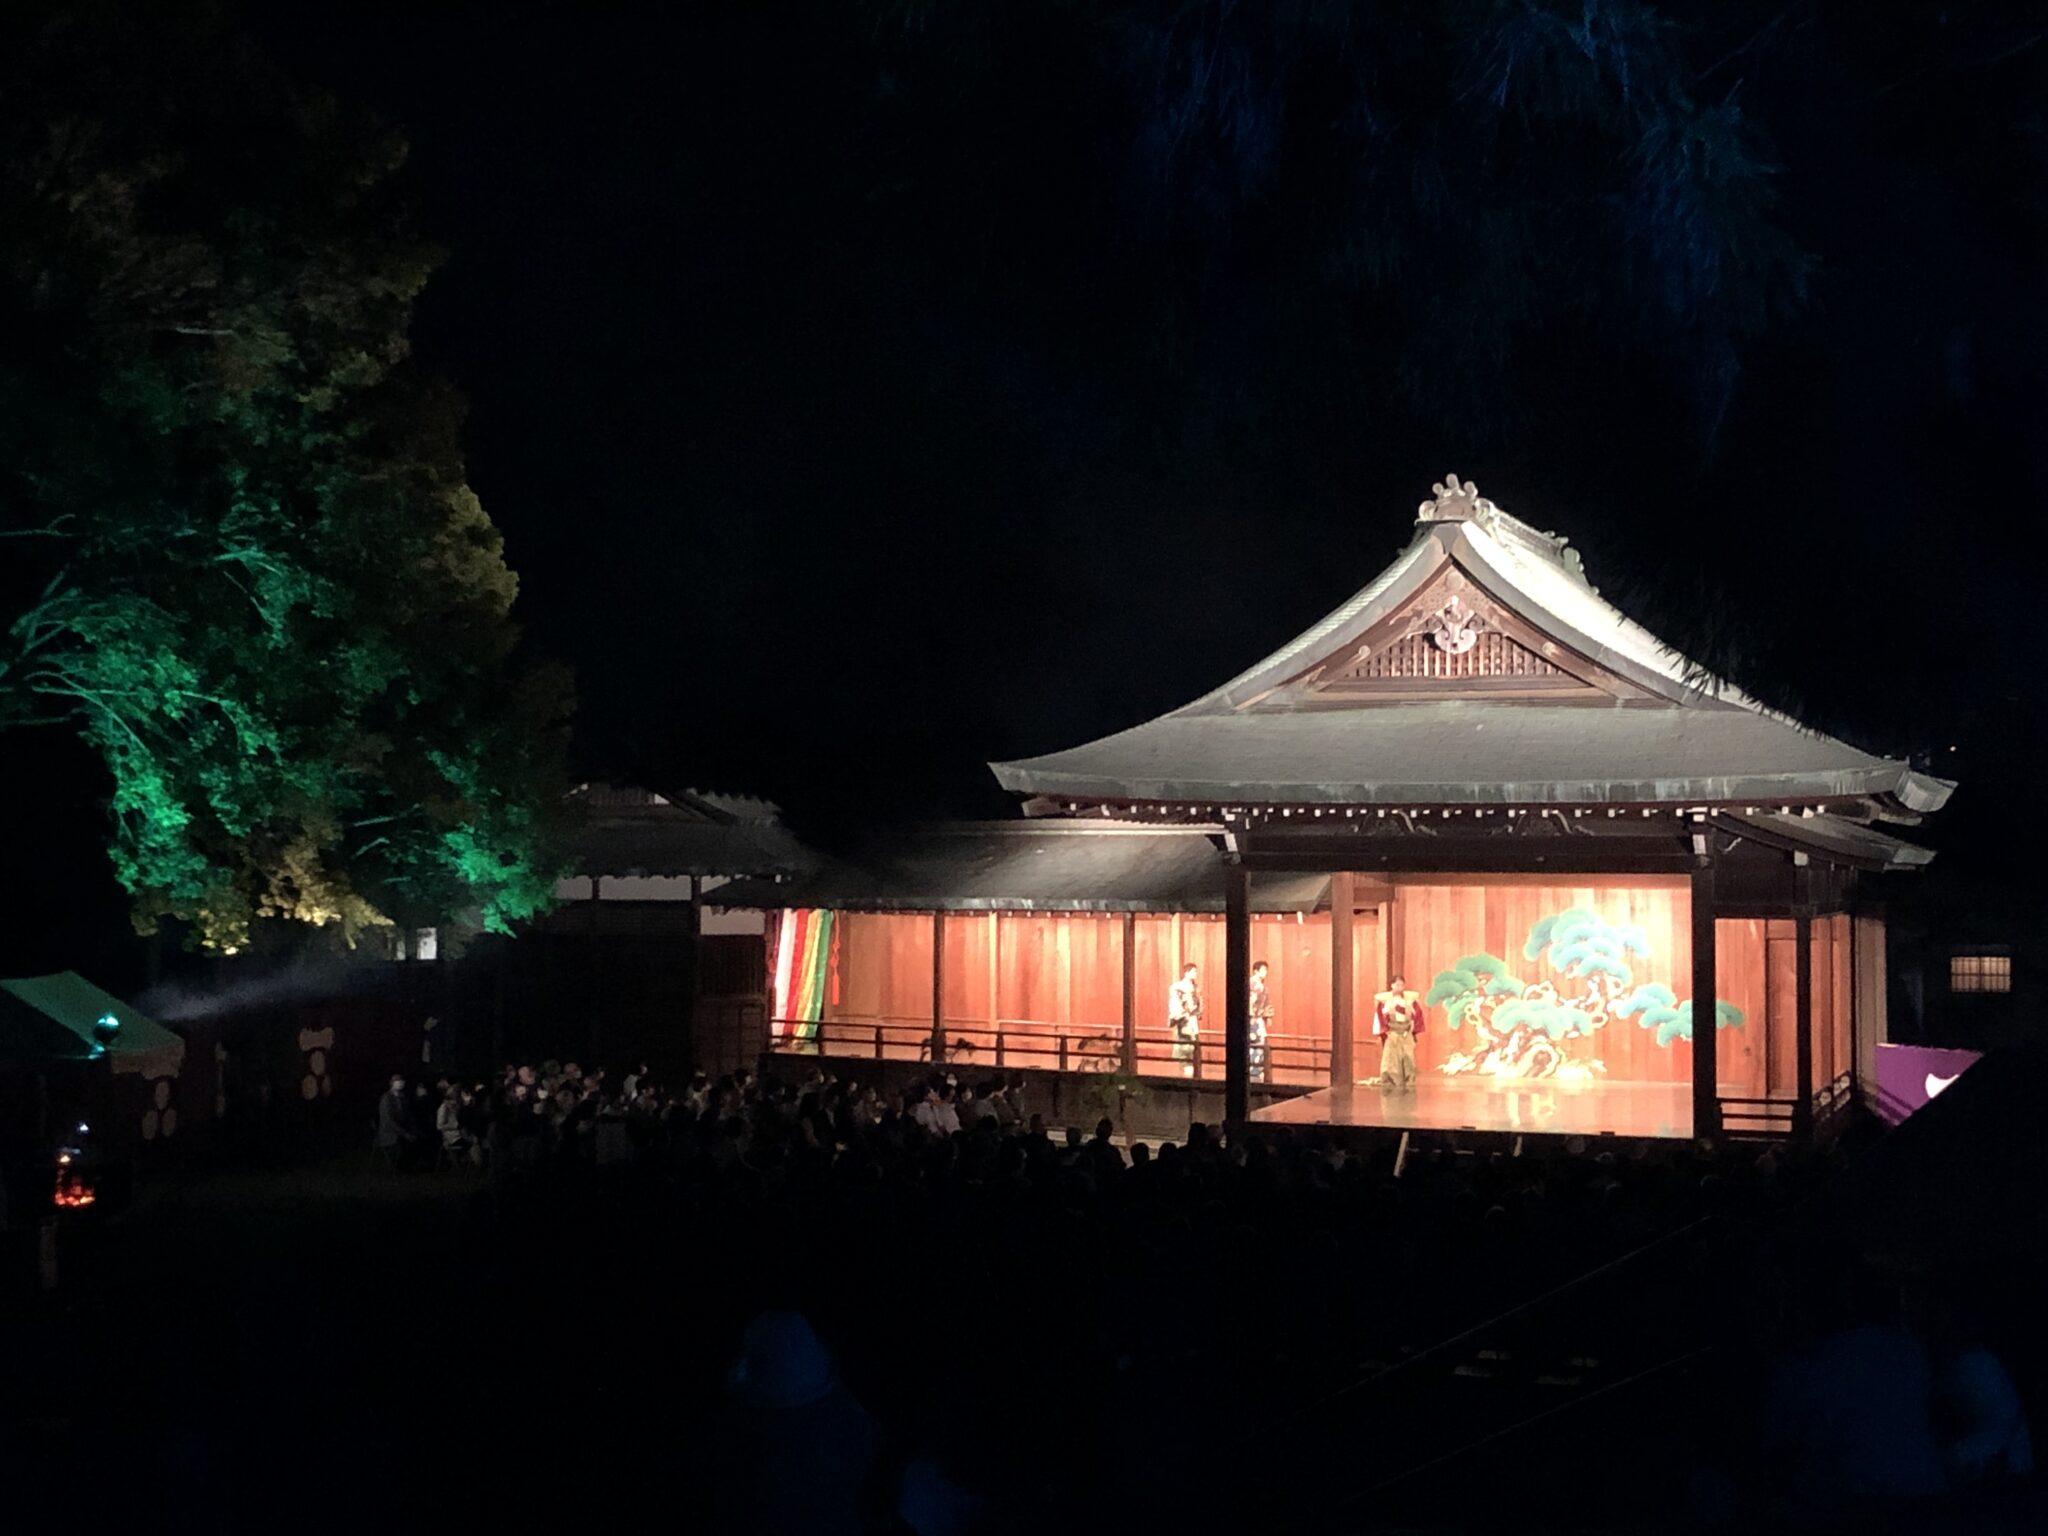 2021.10.2-3 野田神社能楽堂ライトアップ